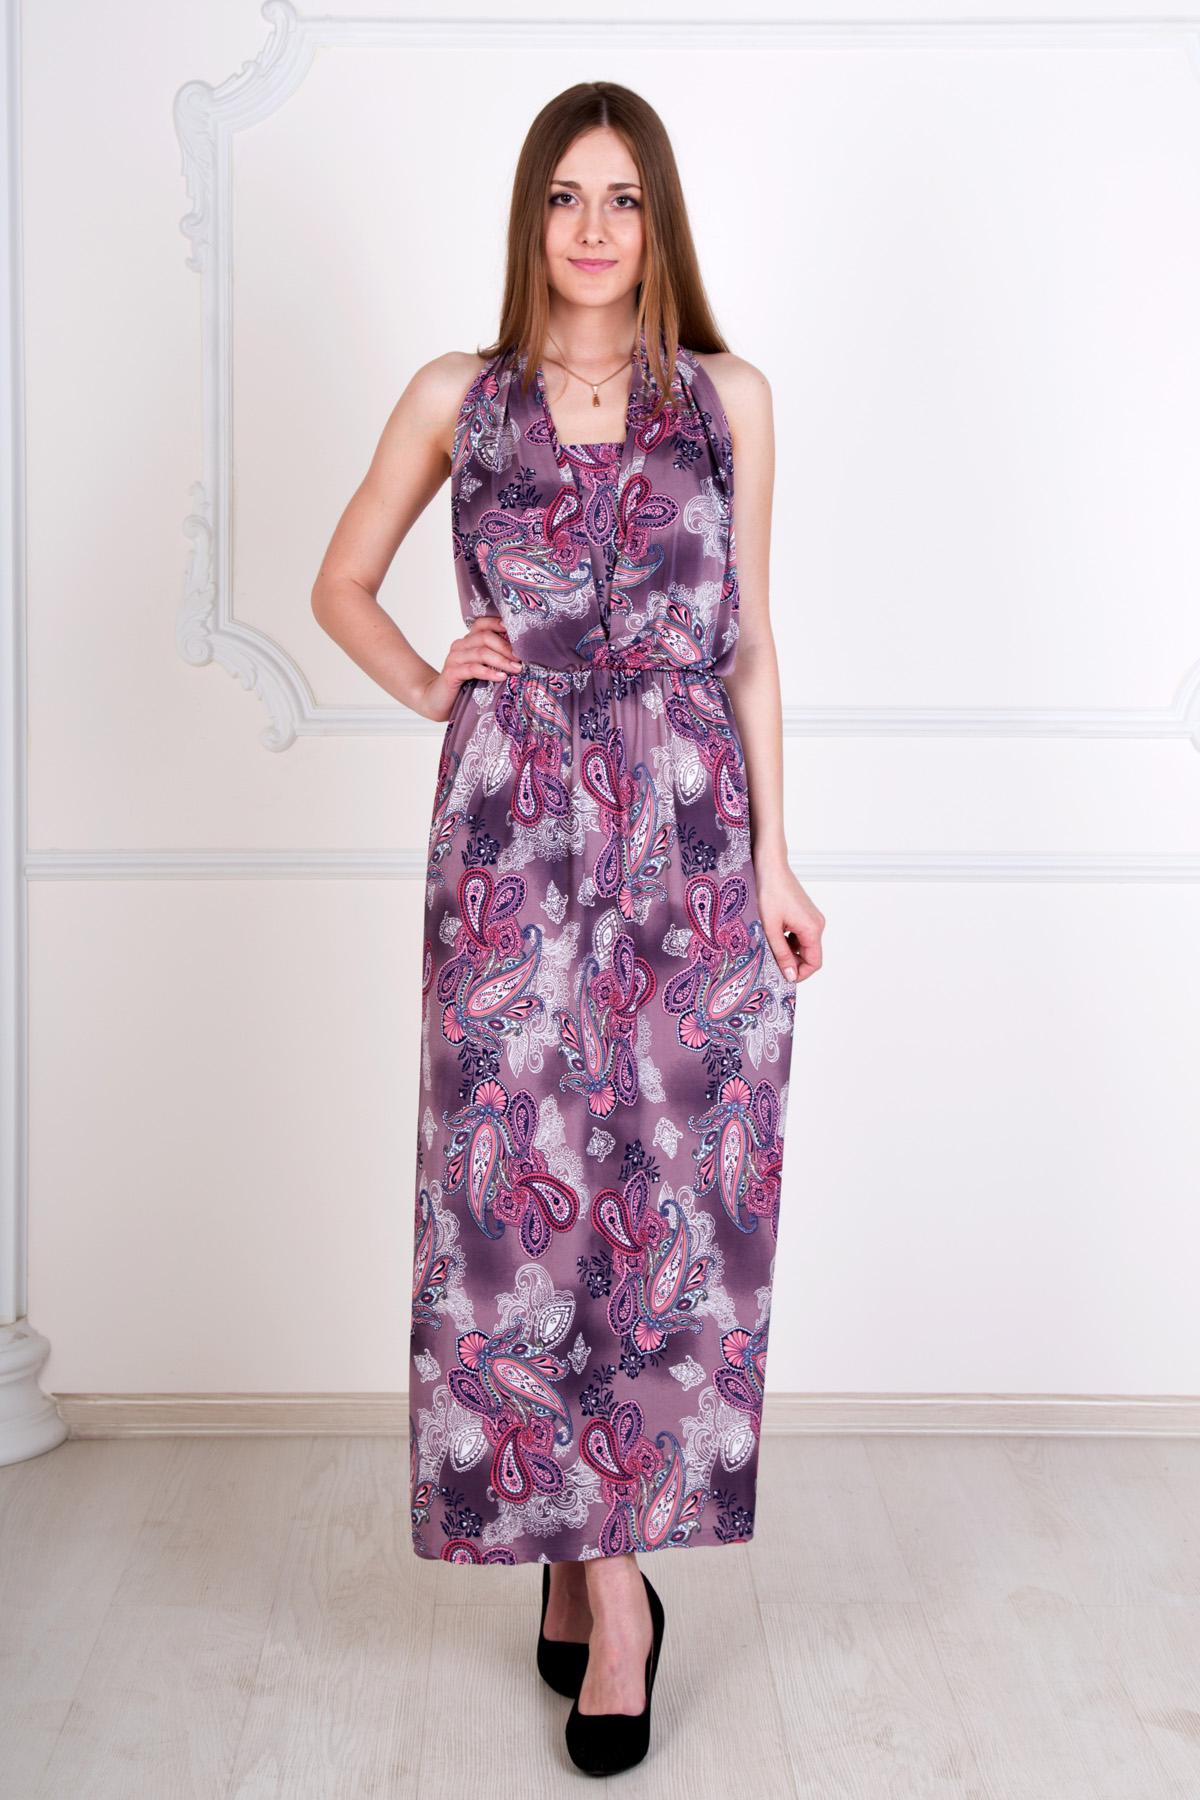 Жен. платье Рандеву р. 54Распродажа женской одежды<br>Обхват груди: 108 см <br>Обхват талии: 88 см <br>Обхват бедер: 116 см <br>Длина по спинке: 125 см <br>Рост: 167 см<br><br>Тип: Жен. платье<br>Размер: 54<br>Материал: Масло